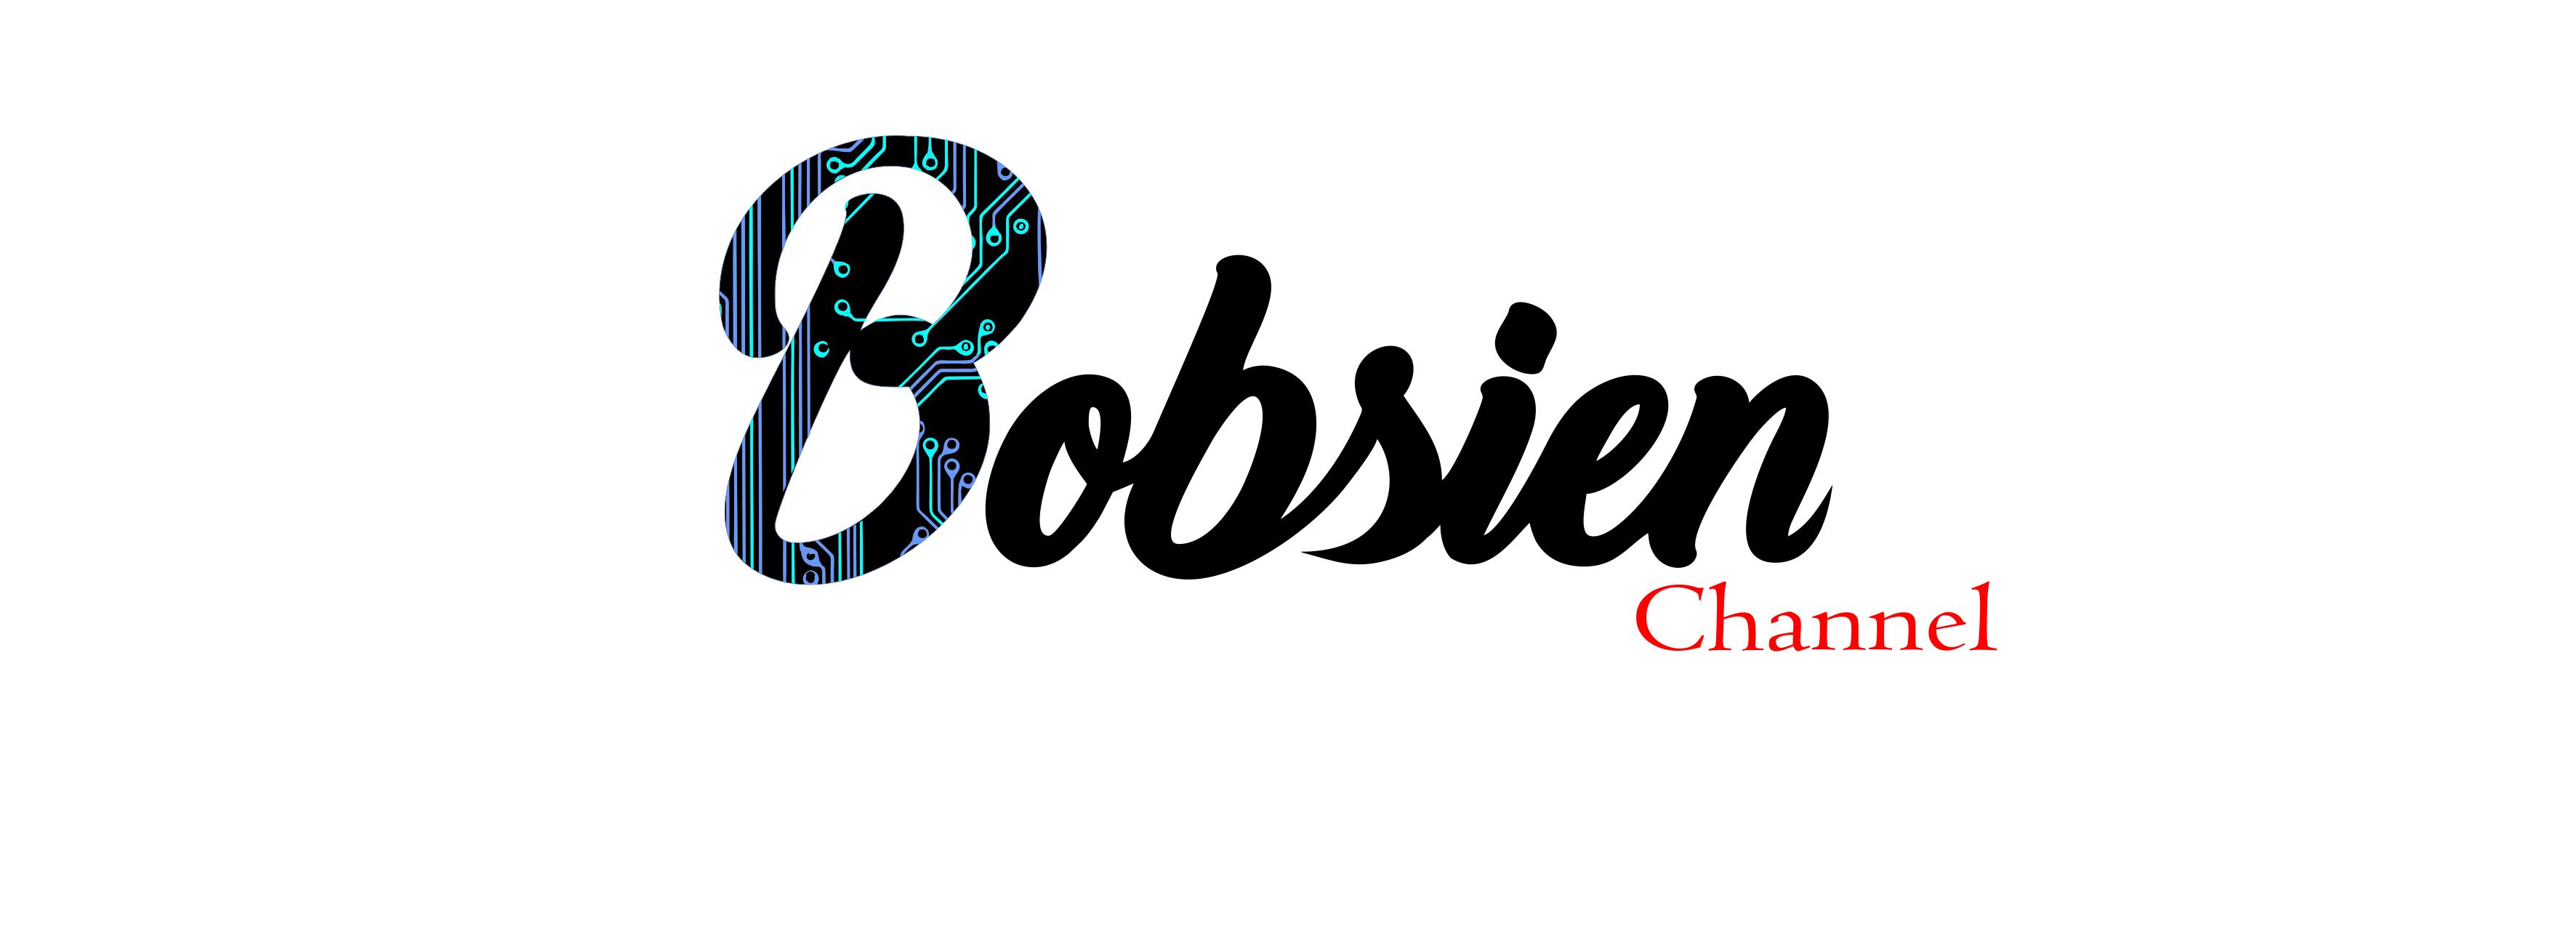 Logo bobsien channel final